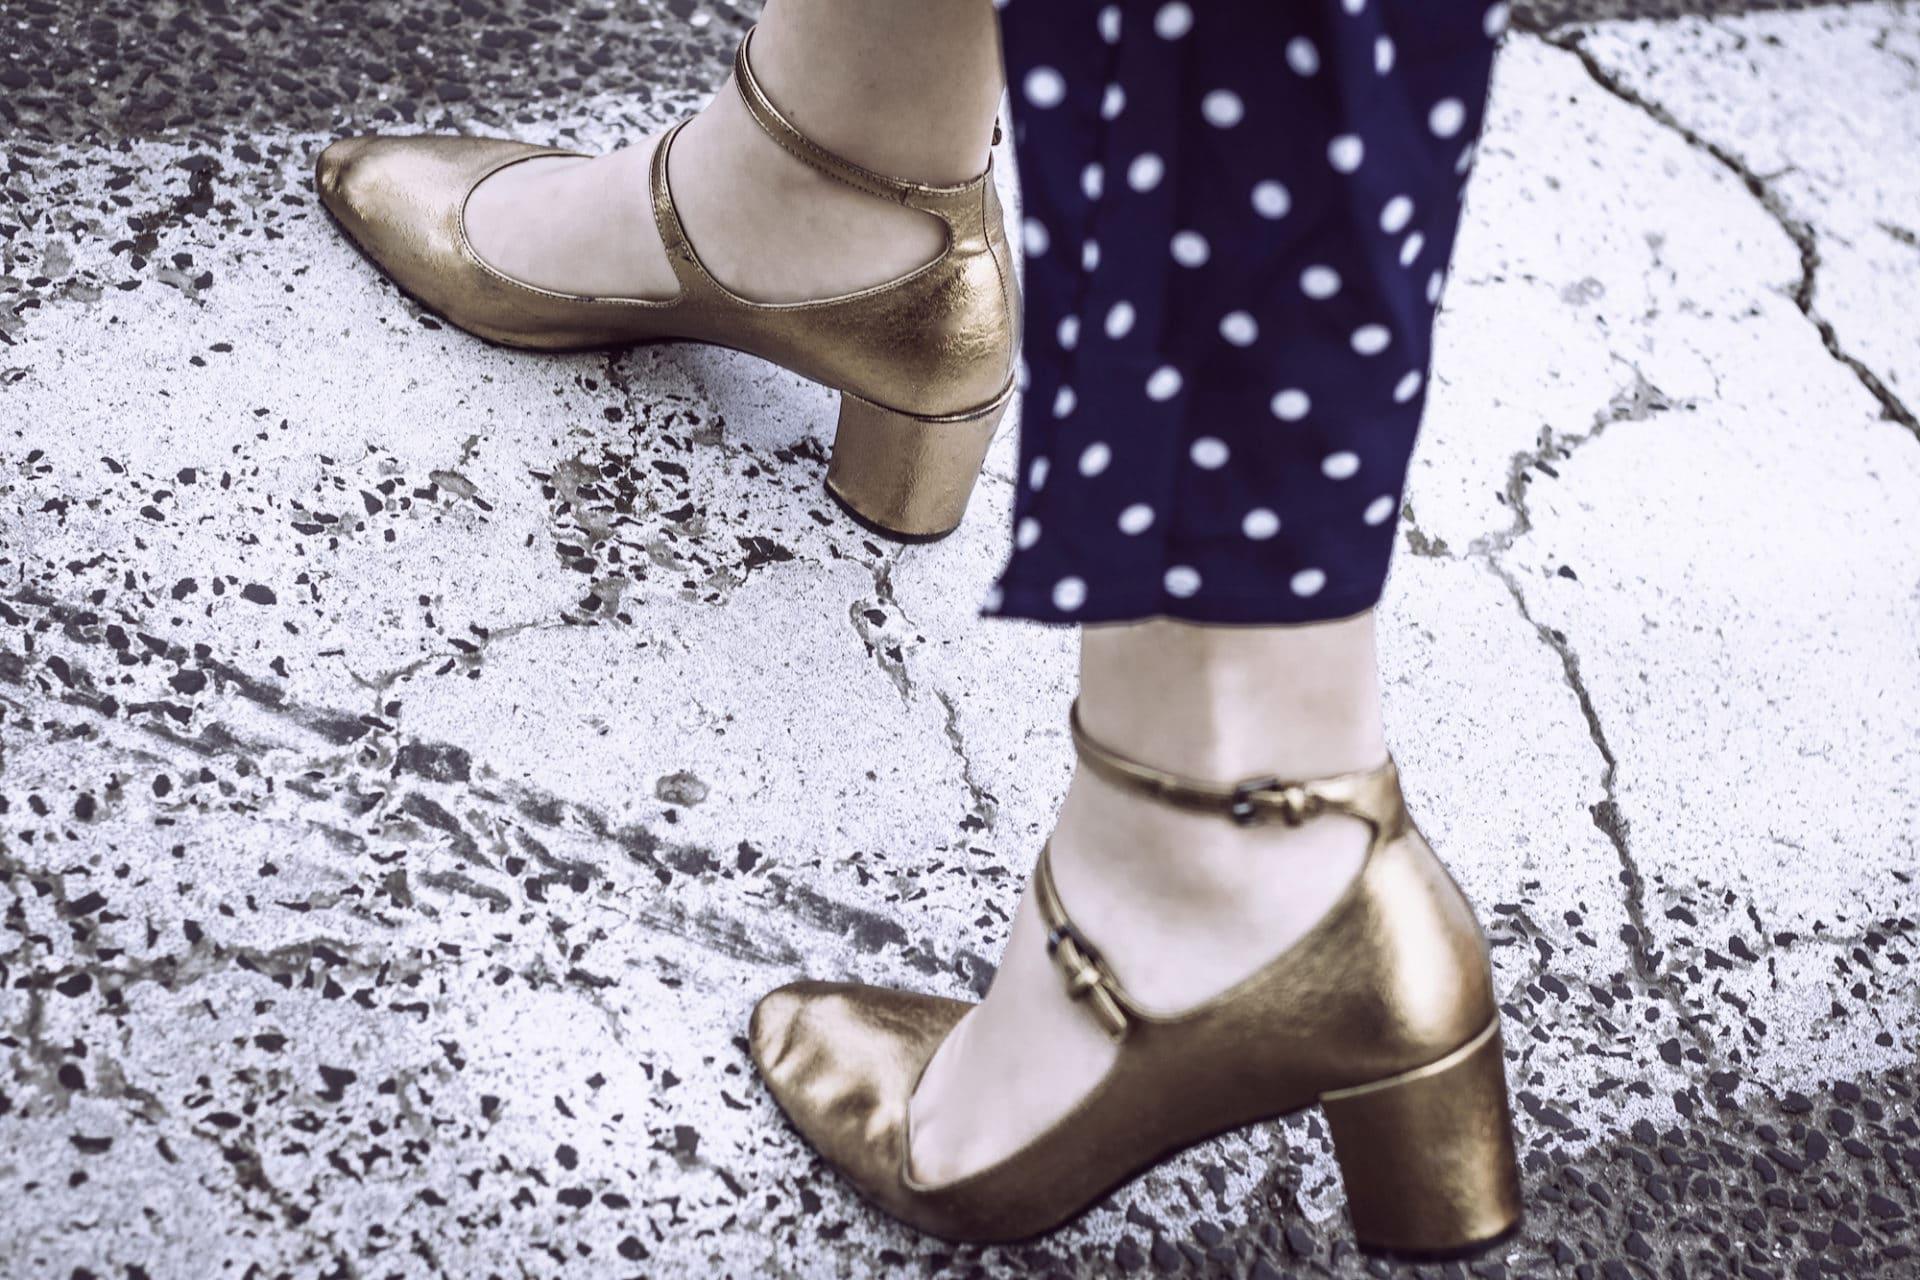 Tuta a pois come abbinarla per un outfit vintage inspired